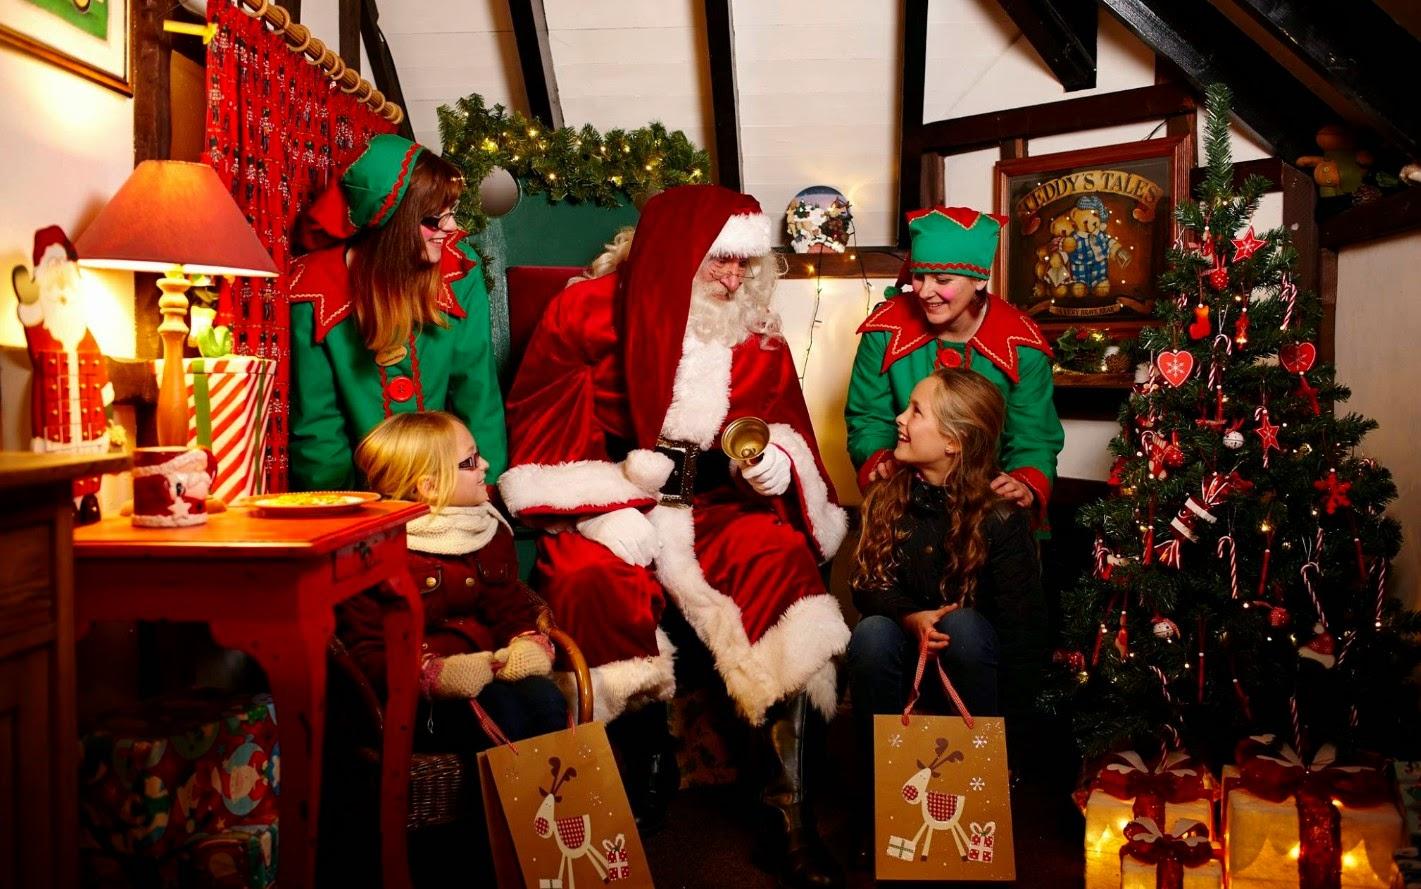 Bon plan Noël à Center Parcs Belgique: -10% sur votre séjour + activités cadeaux + emplacement préférentiel